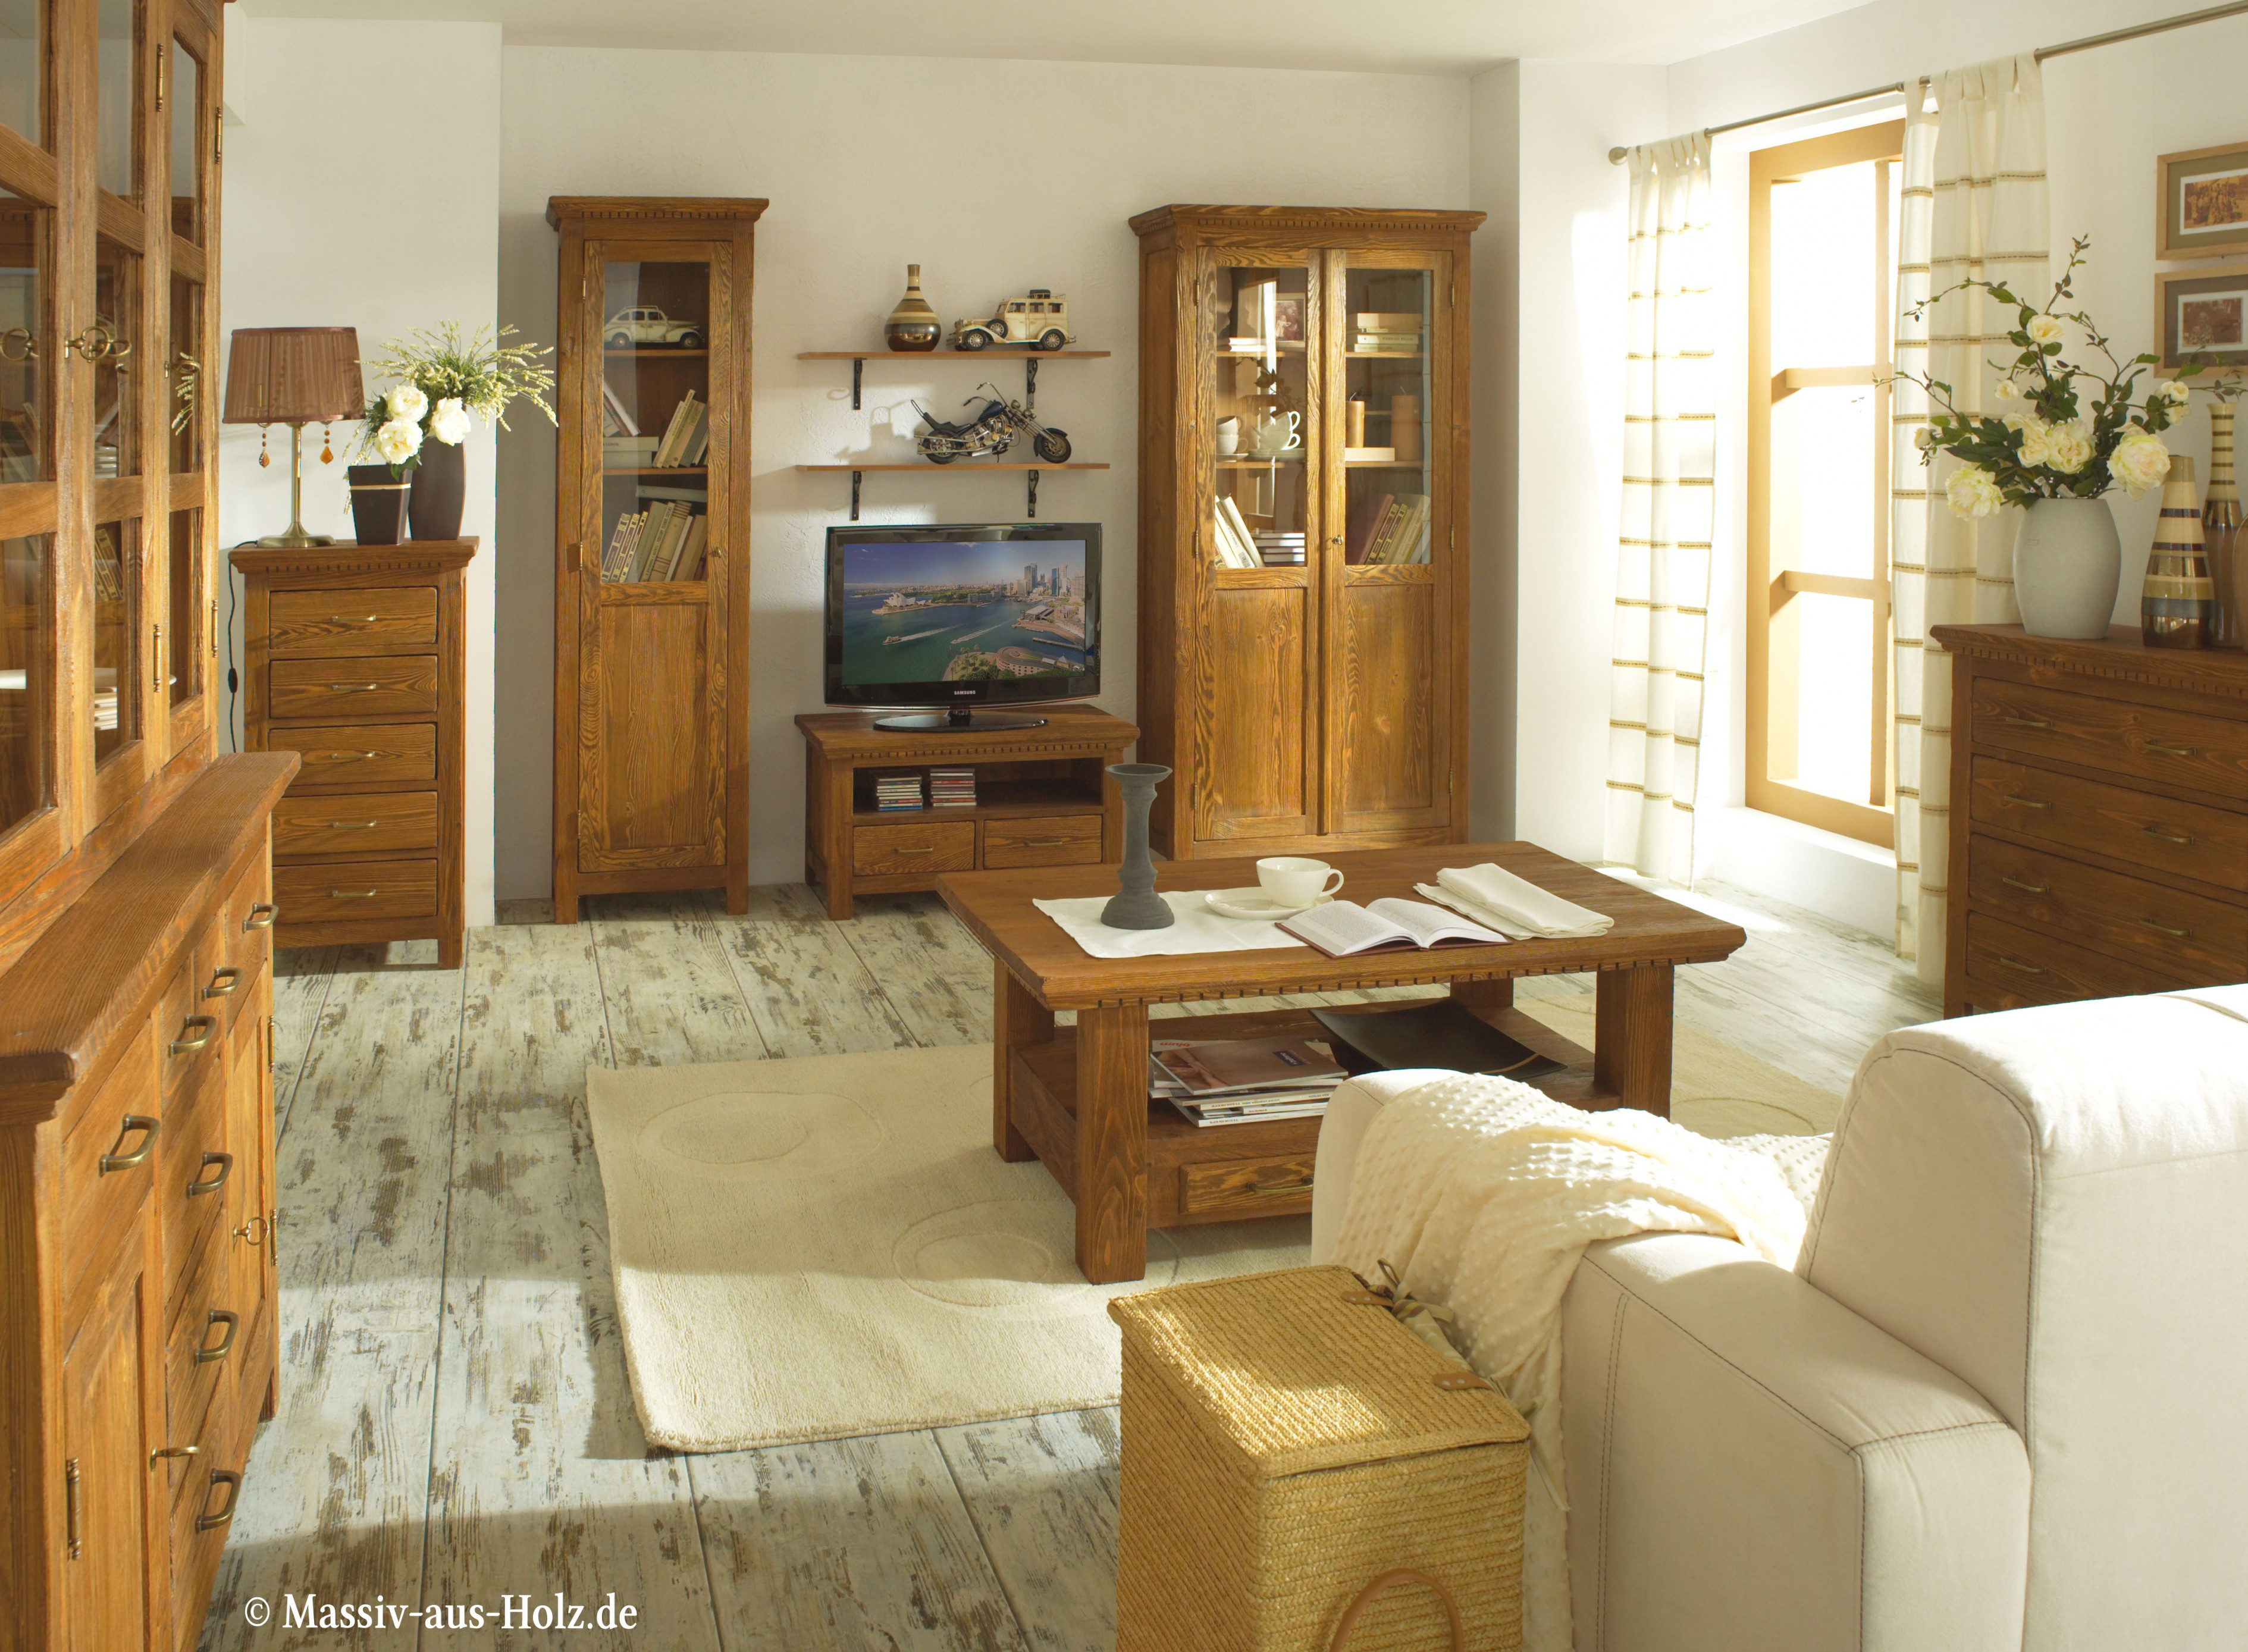 100% Massivholzmöbel Aus Kiefer  Massiv Aus Holz  Landhaus von Wohnzimmer Ideen Holzmöbel Bild